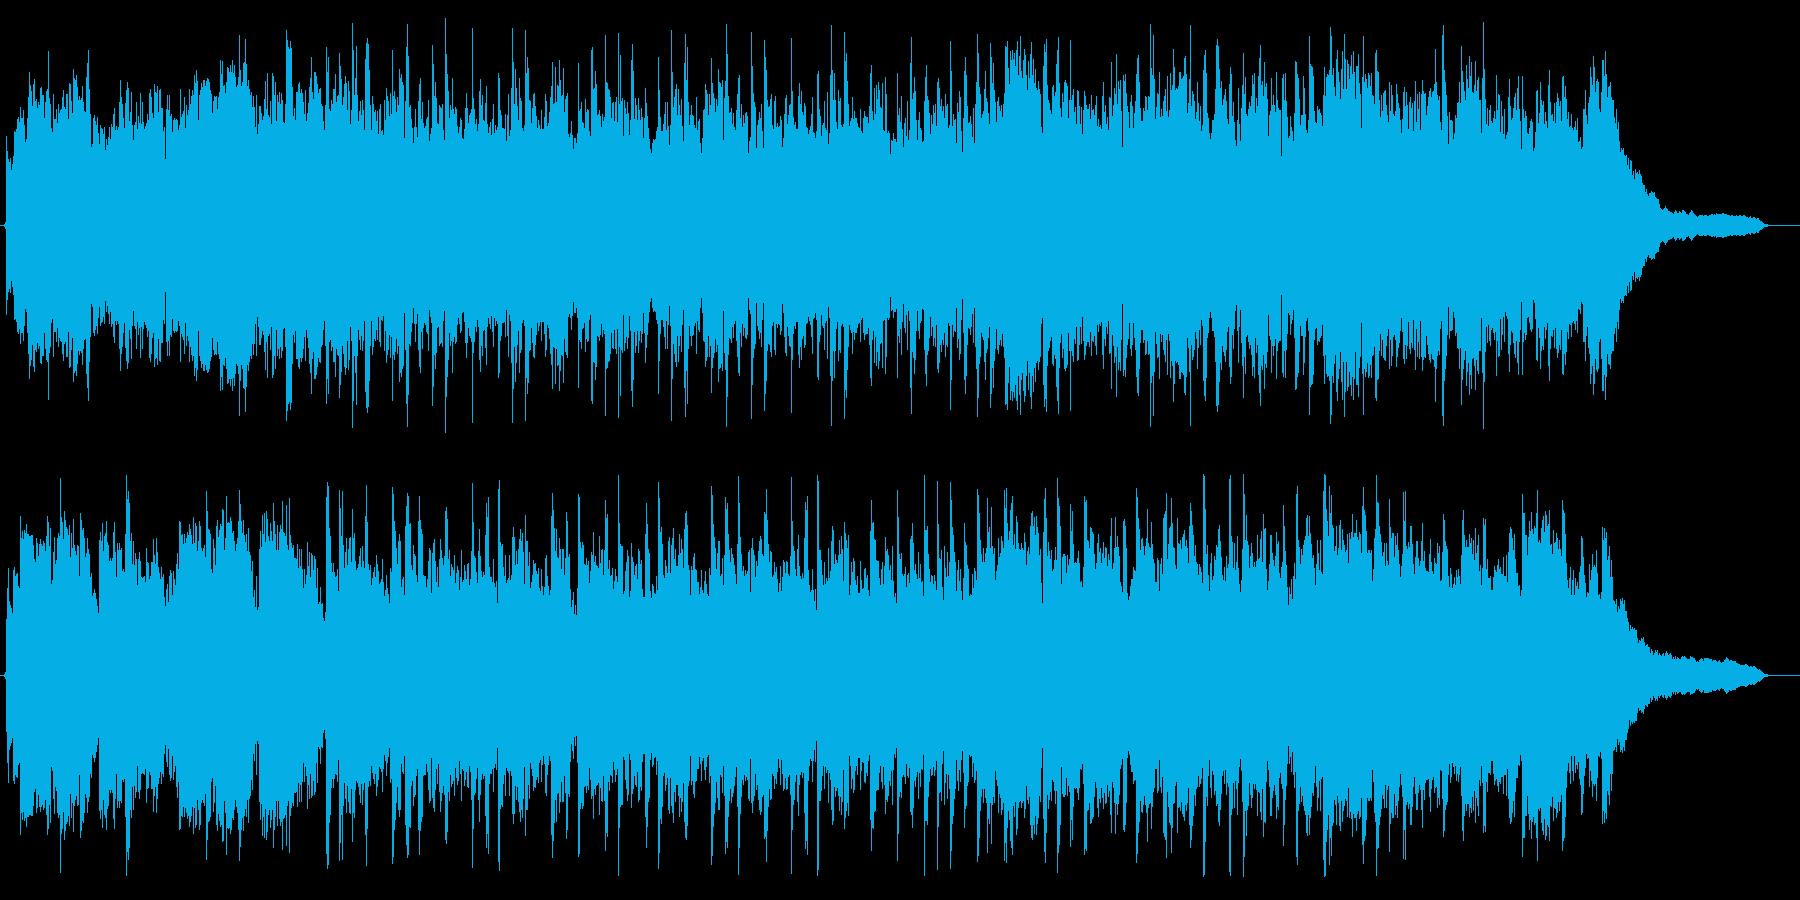 美しいピアノ&感動的なストリングスの再生済みの波形